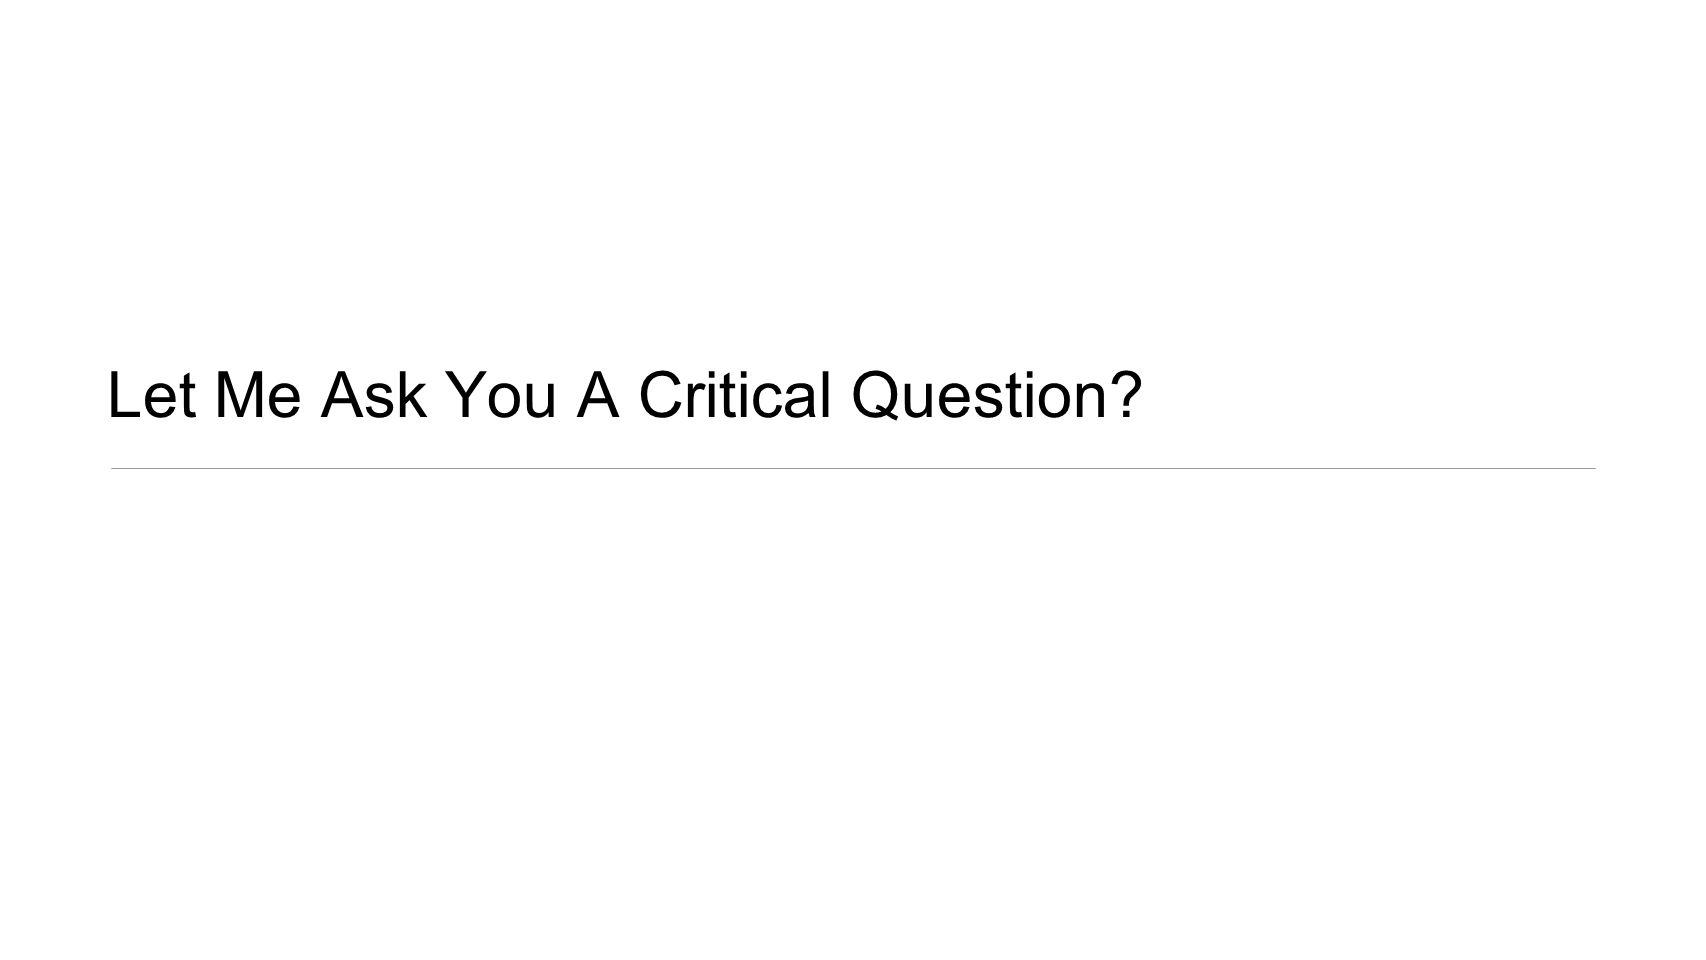 Let Me Ask You A Critical Question?